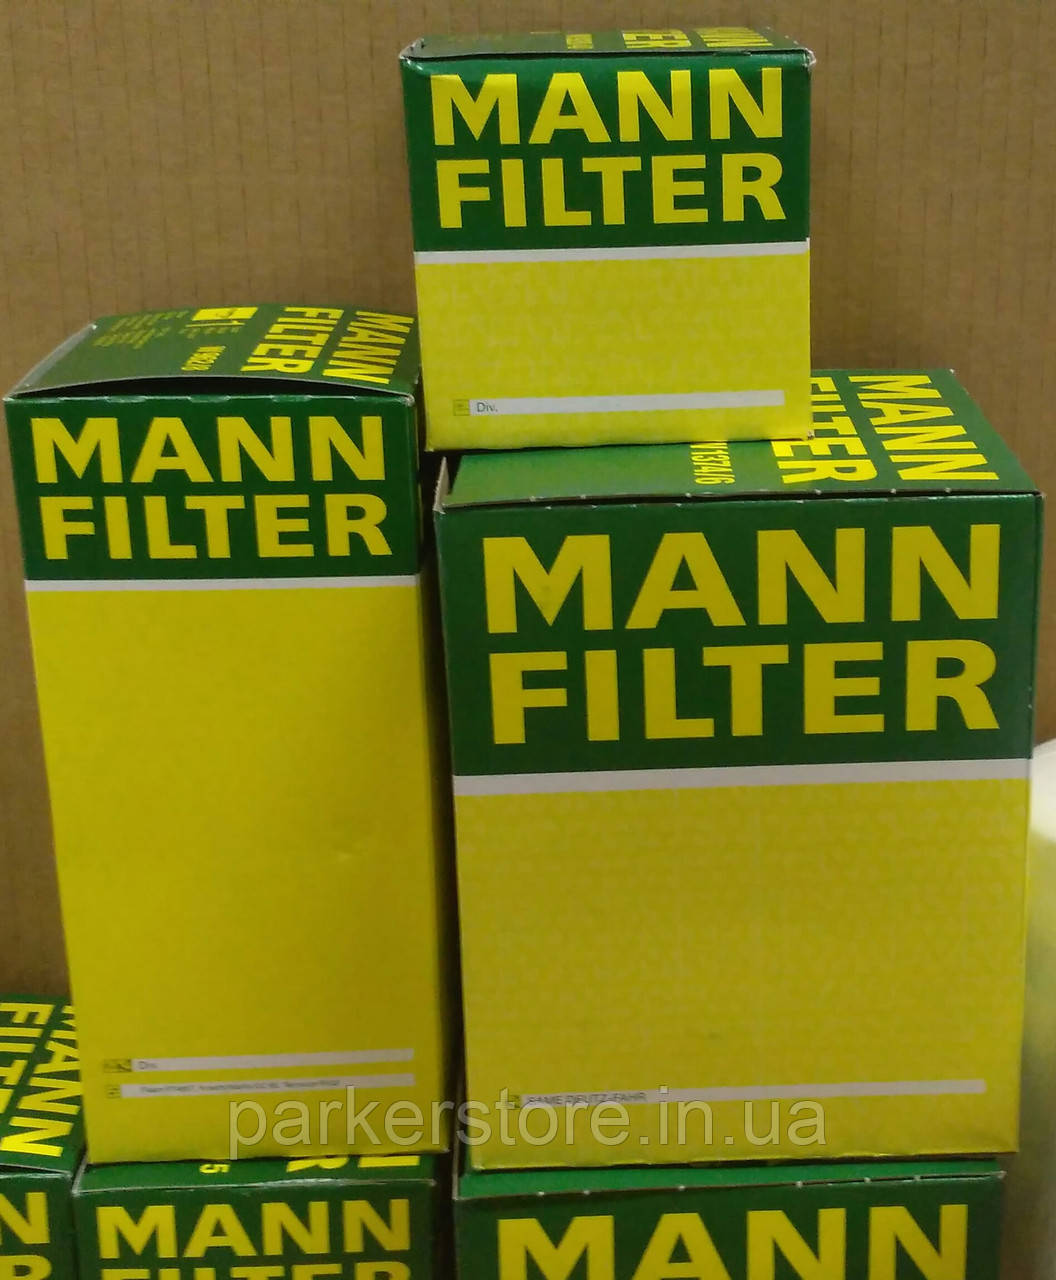 MANN FILTER / Повітряний фільтр / C 15 300 / C15300